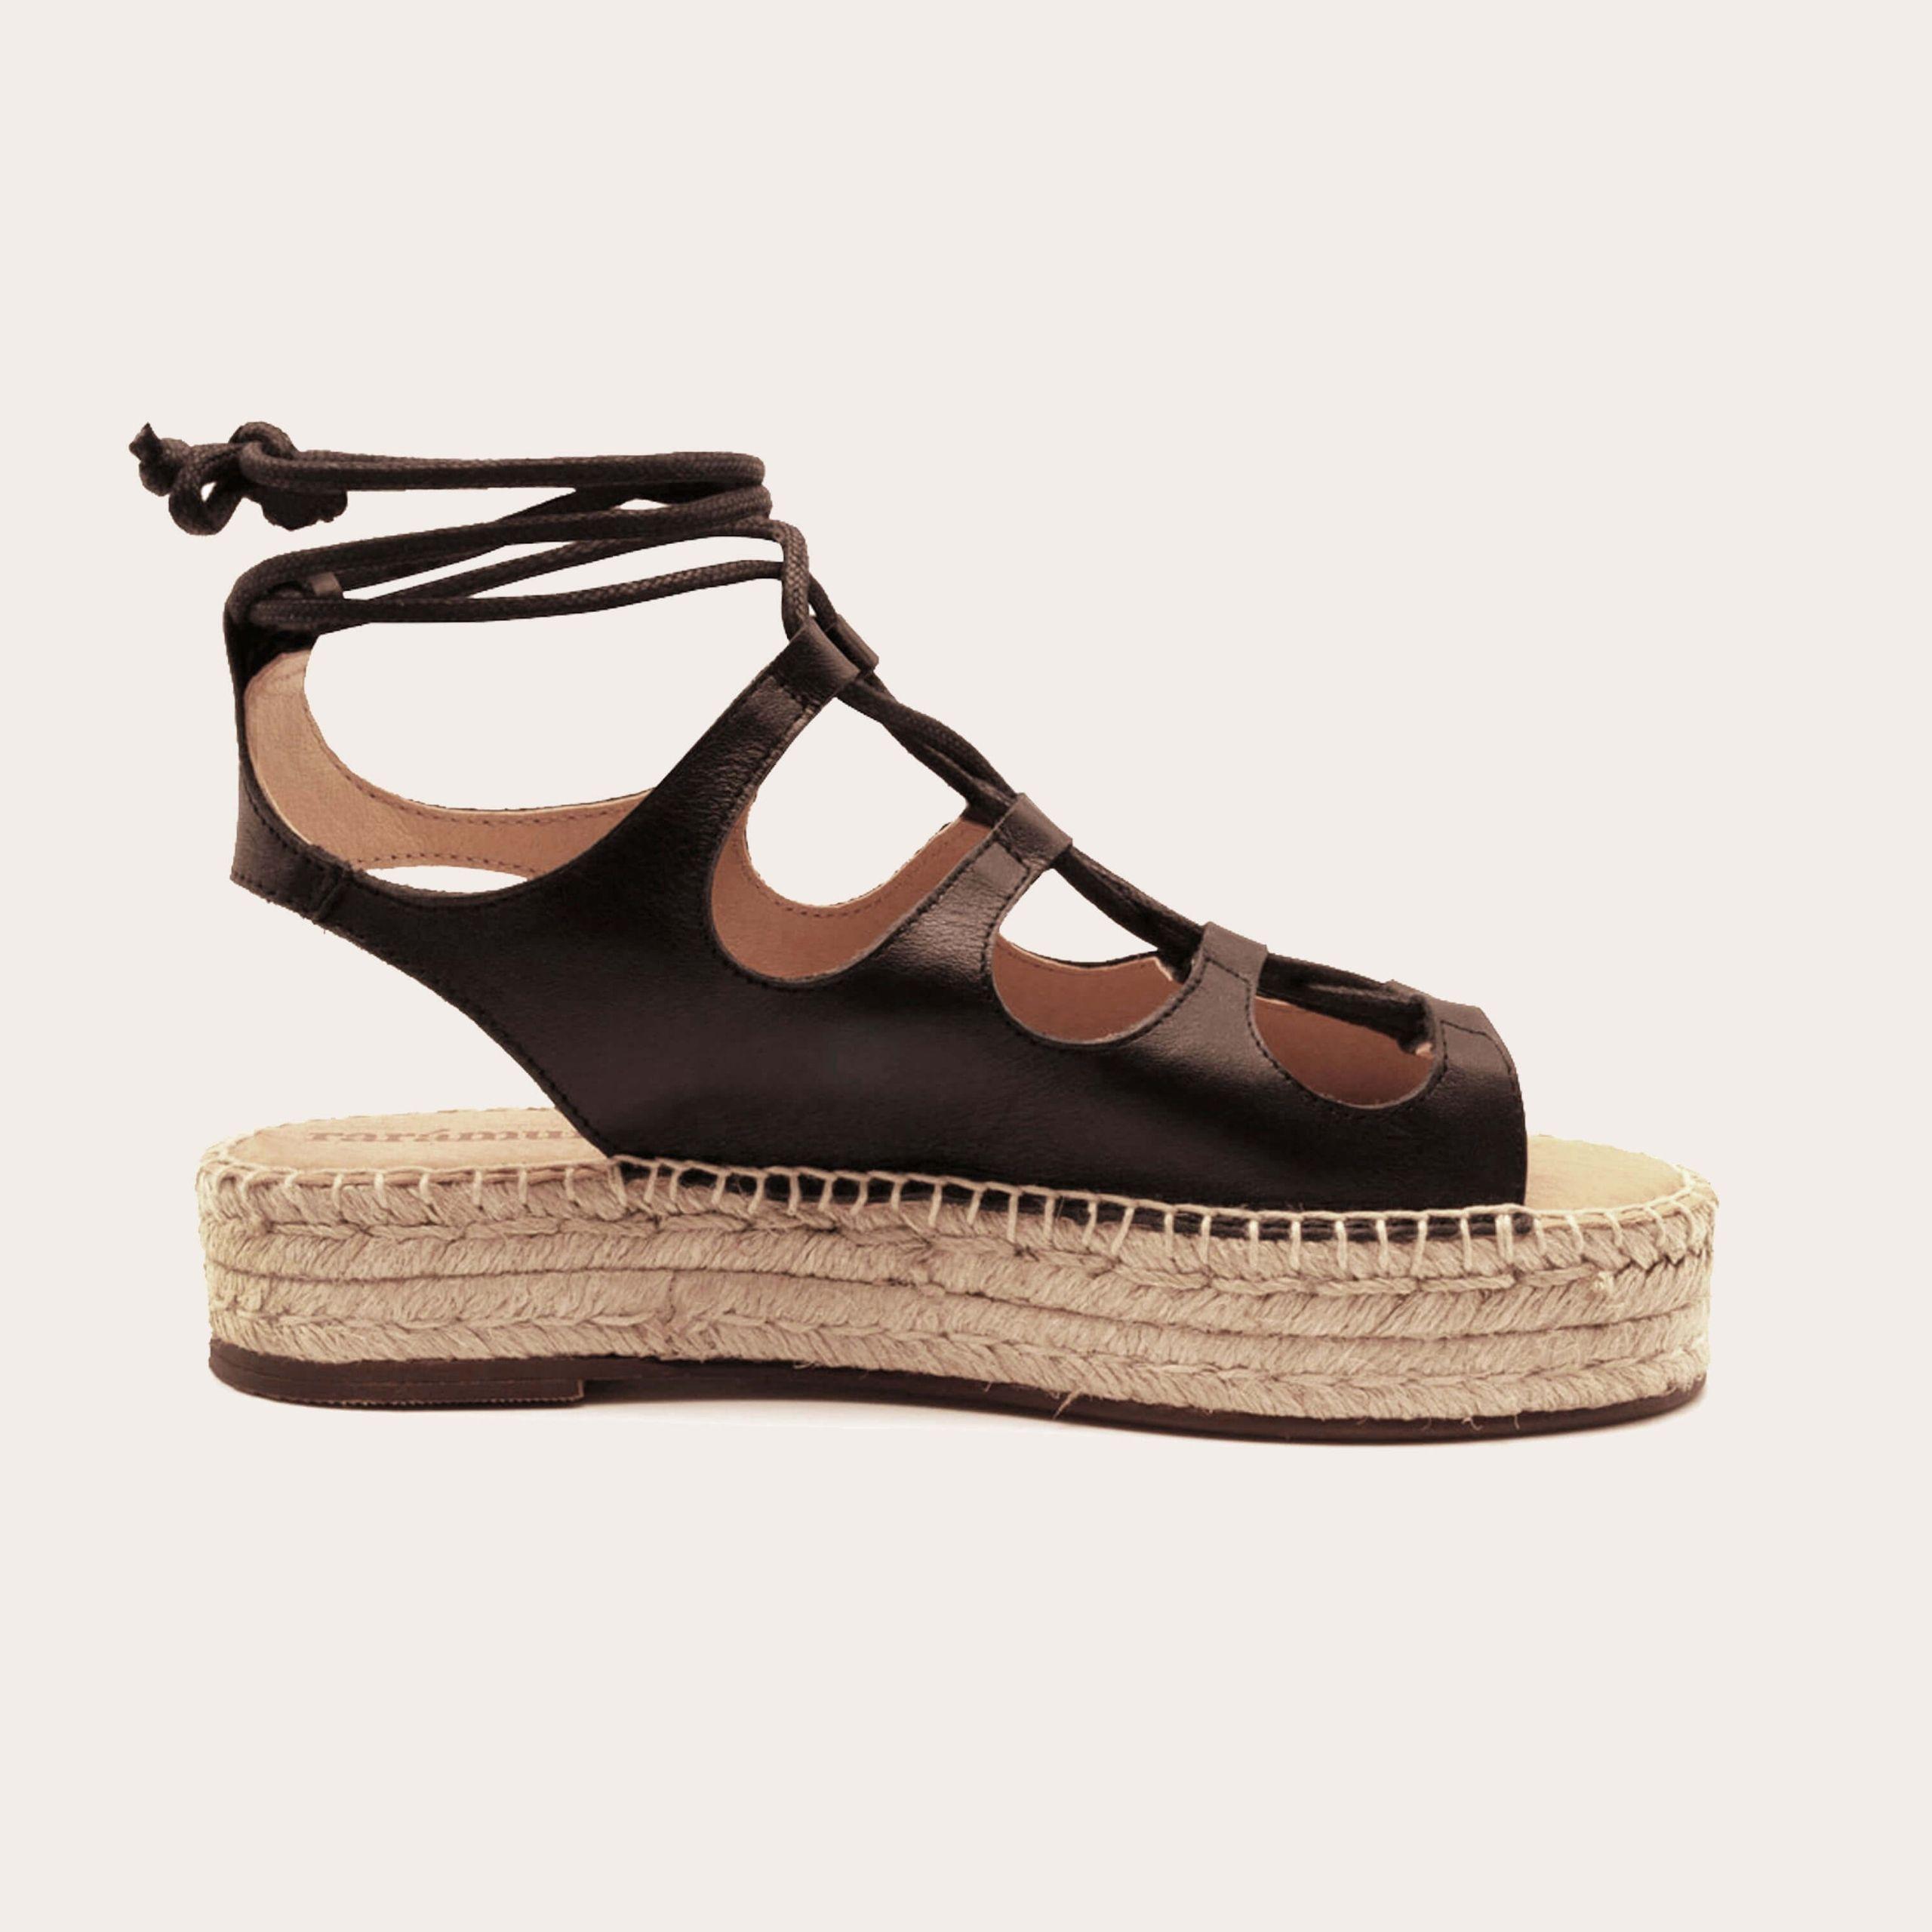 rafa-black_1_lintsandalen sandals travelsandals vegan sustainable sandals wikkelsandalen